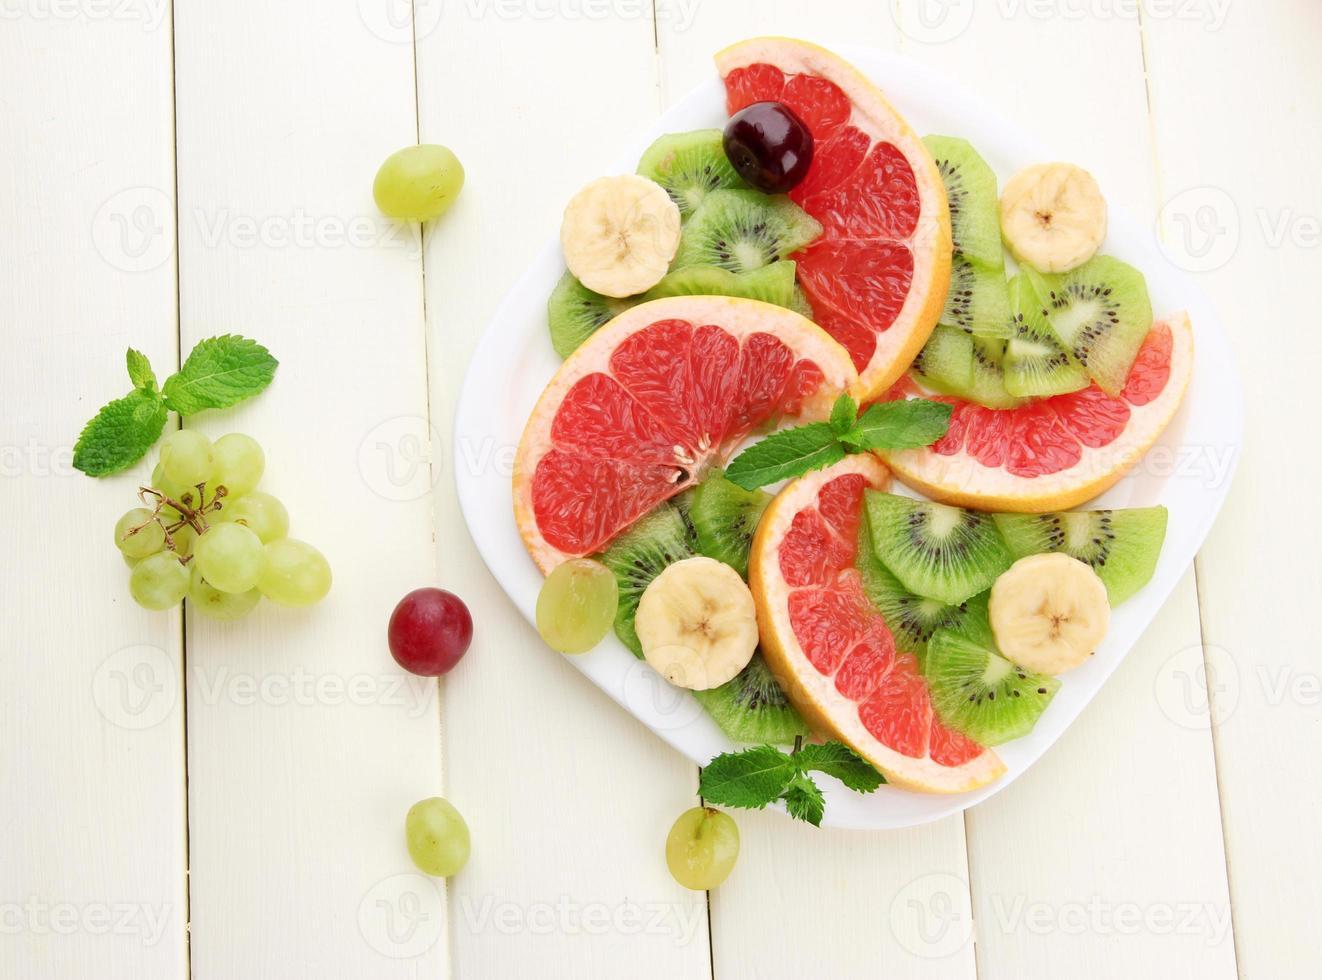 Auswahl an geschnittenen Früchten auf weißem Holztisch foto